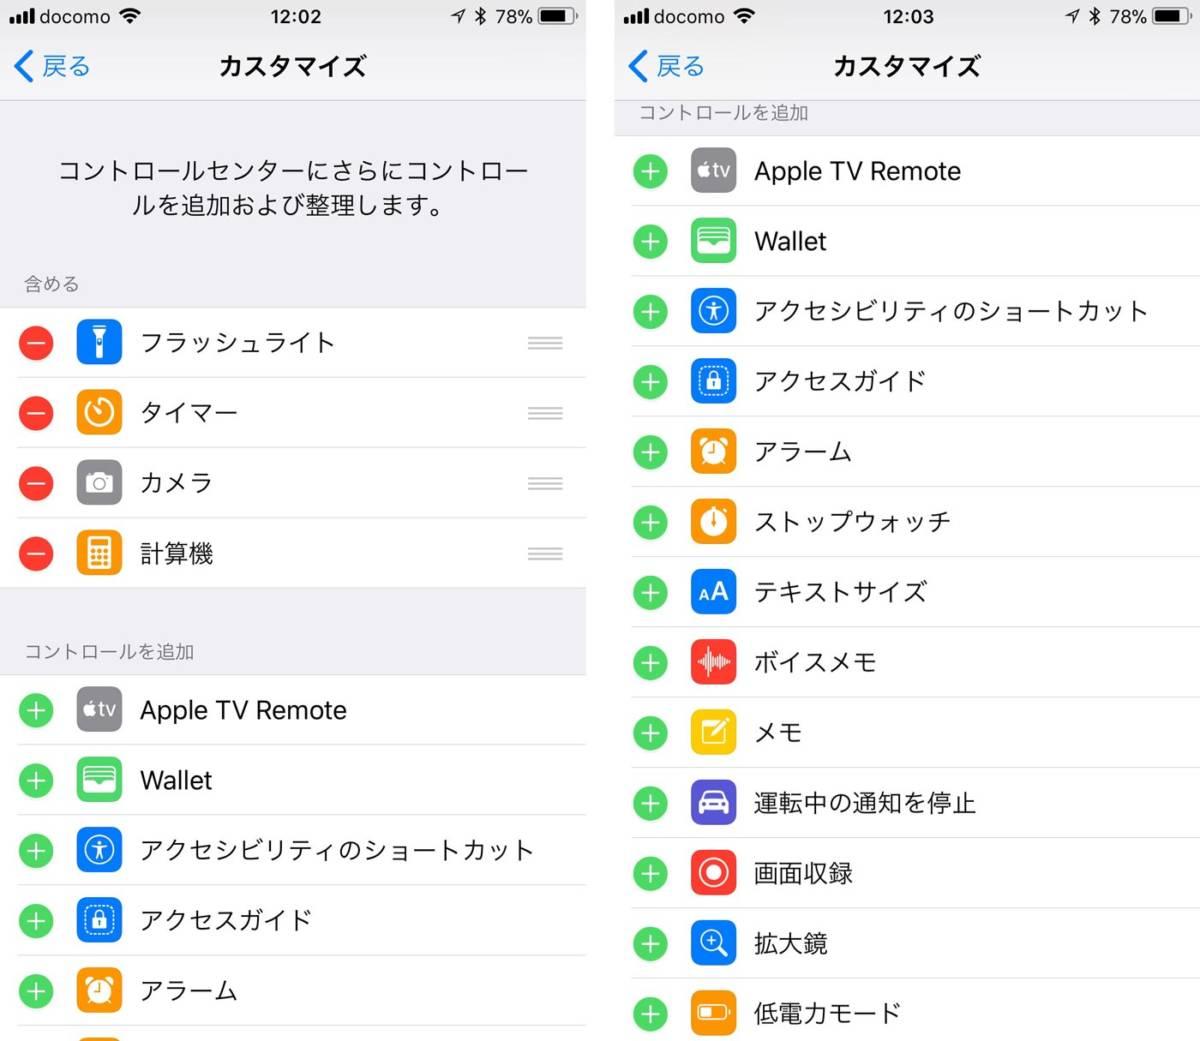 iOS11 コントロールセンターのショートカットキーの変更